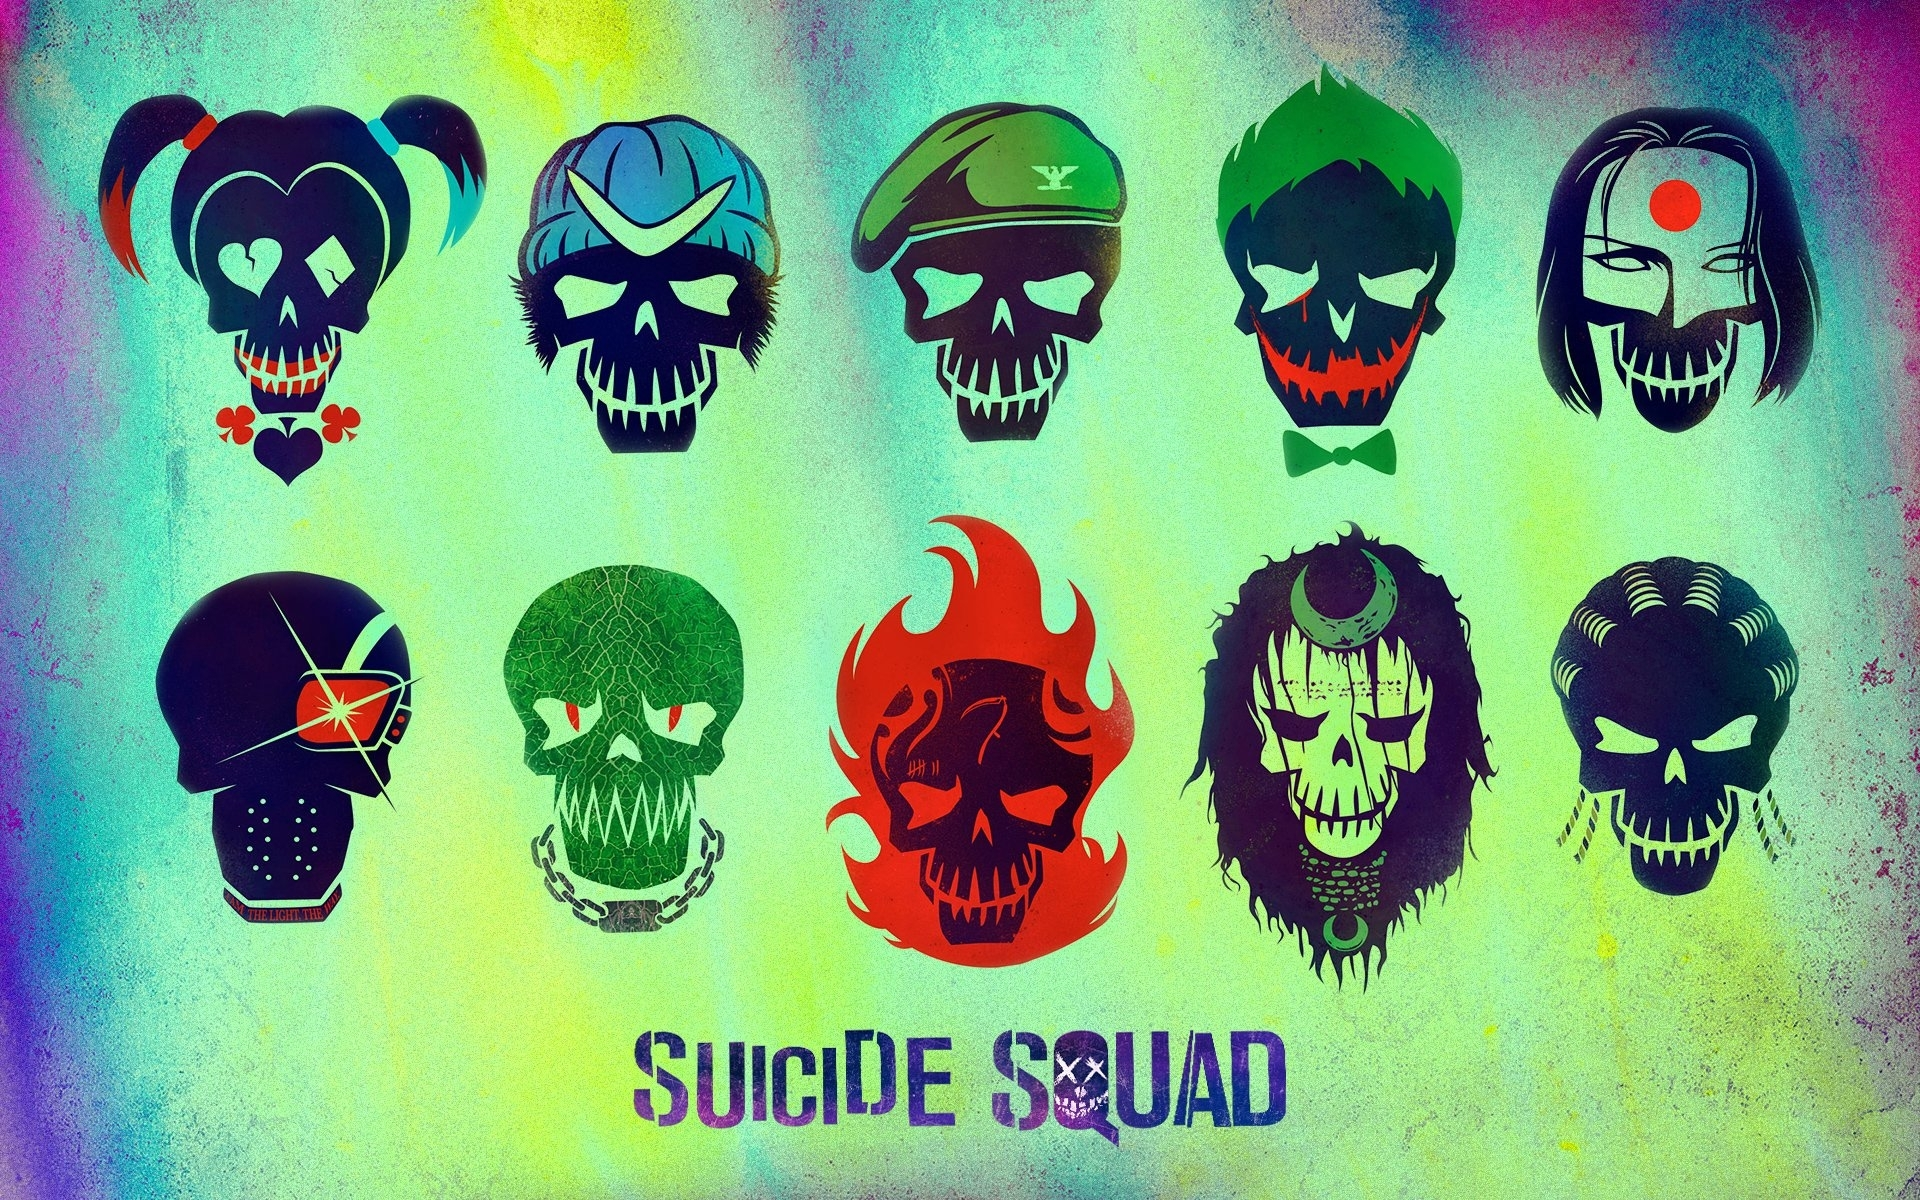 suicide squad characters full hd fond d'écran and arrière-plan